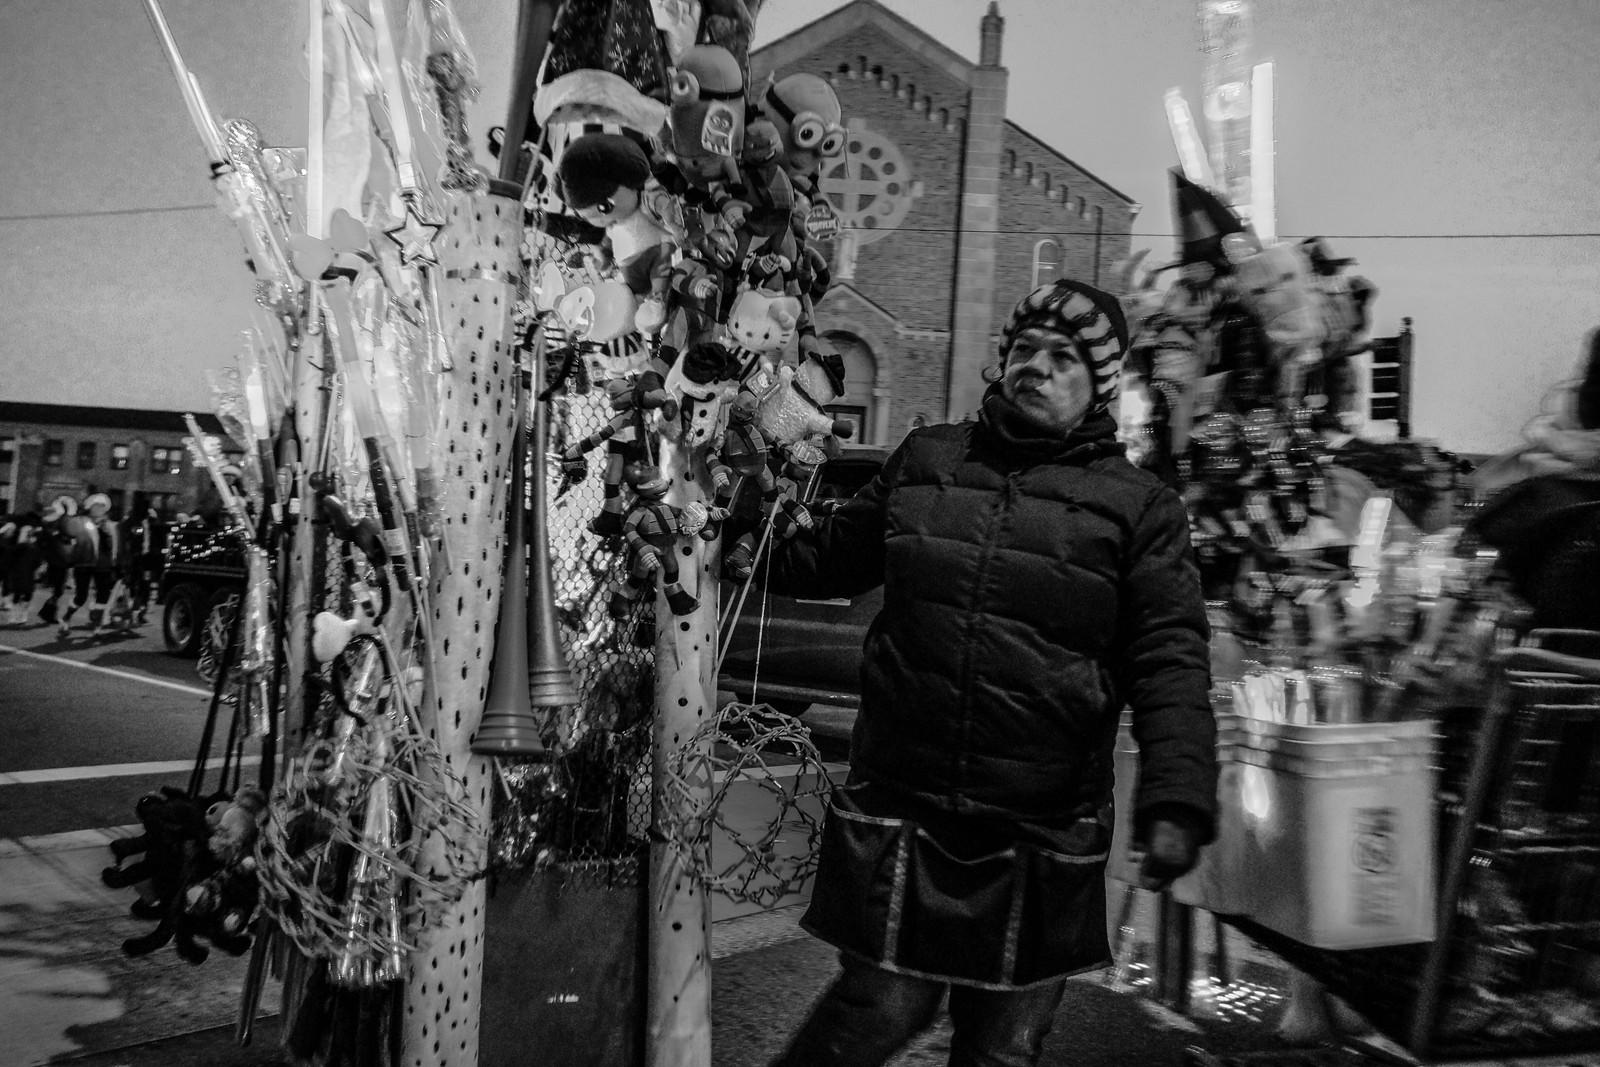 Grumpy Parade Vendor